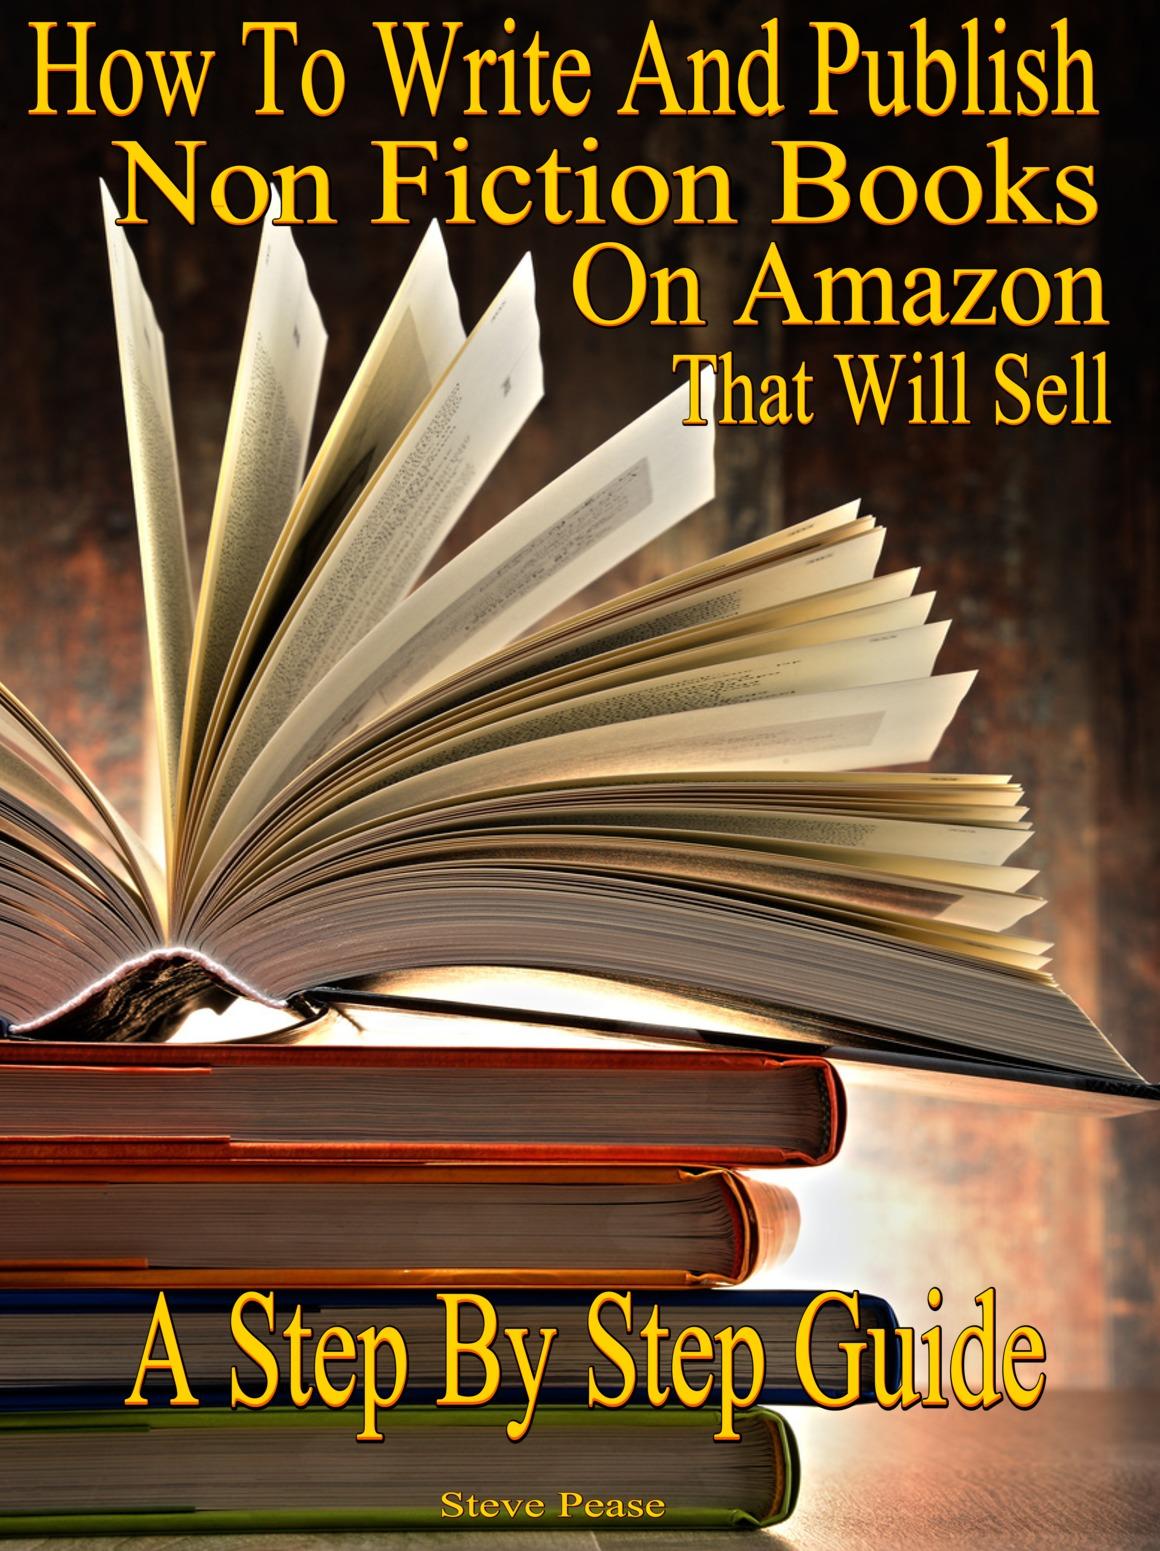 WRITE AND PUBLISH ON AMAZON